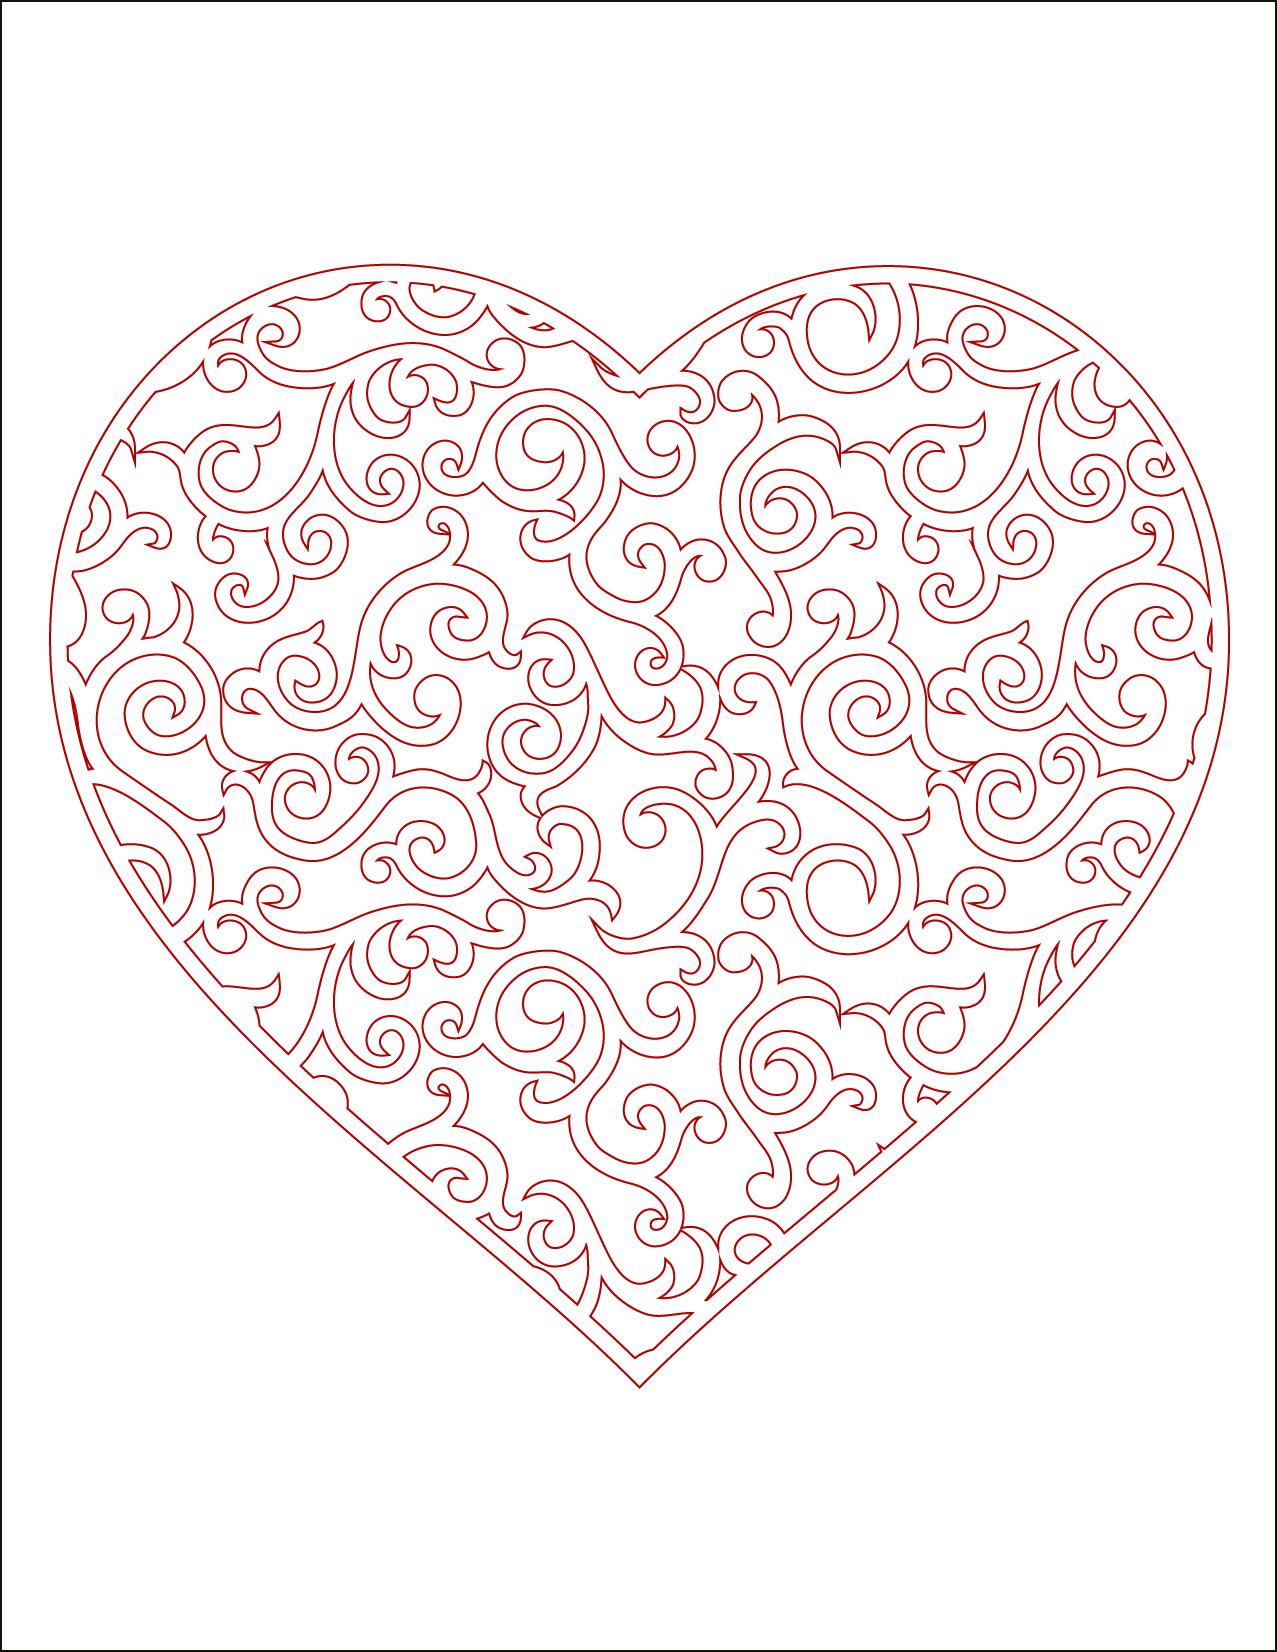 Coeur imprimer en couleur carte st valentin - Coeur de st valentin a imprimer ...